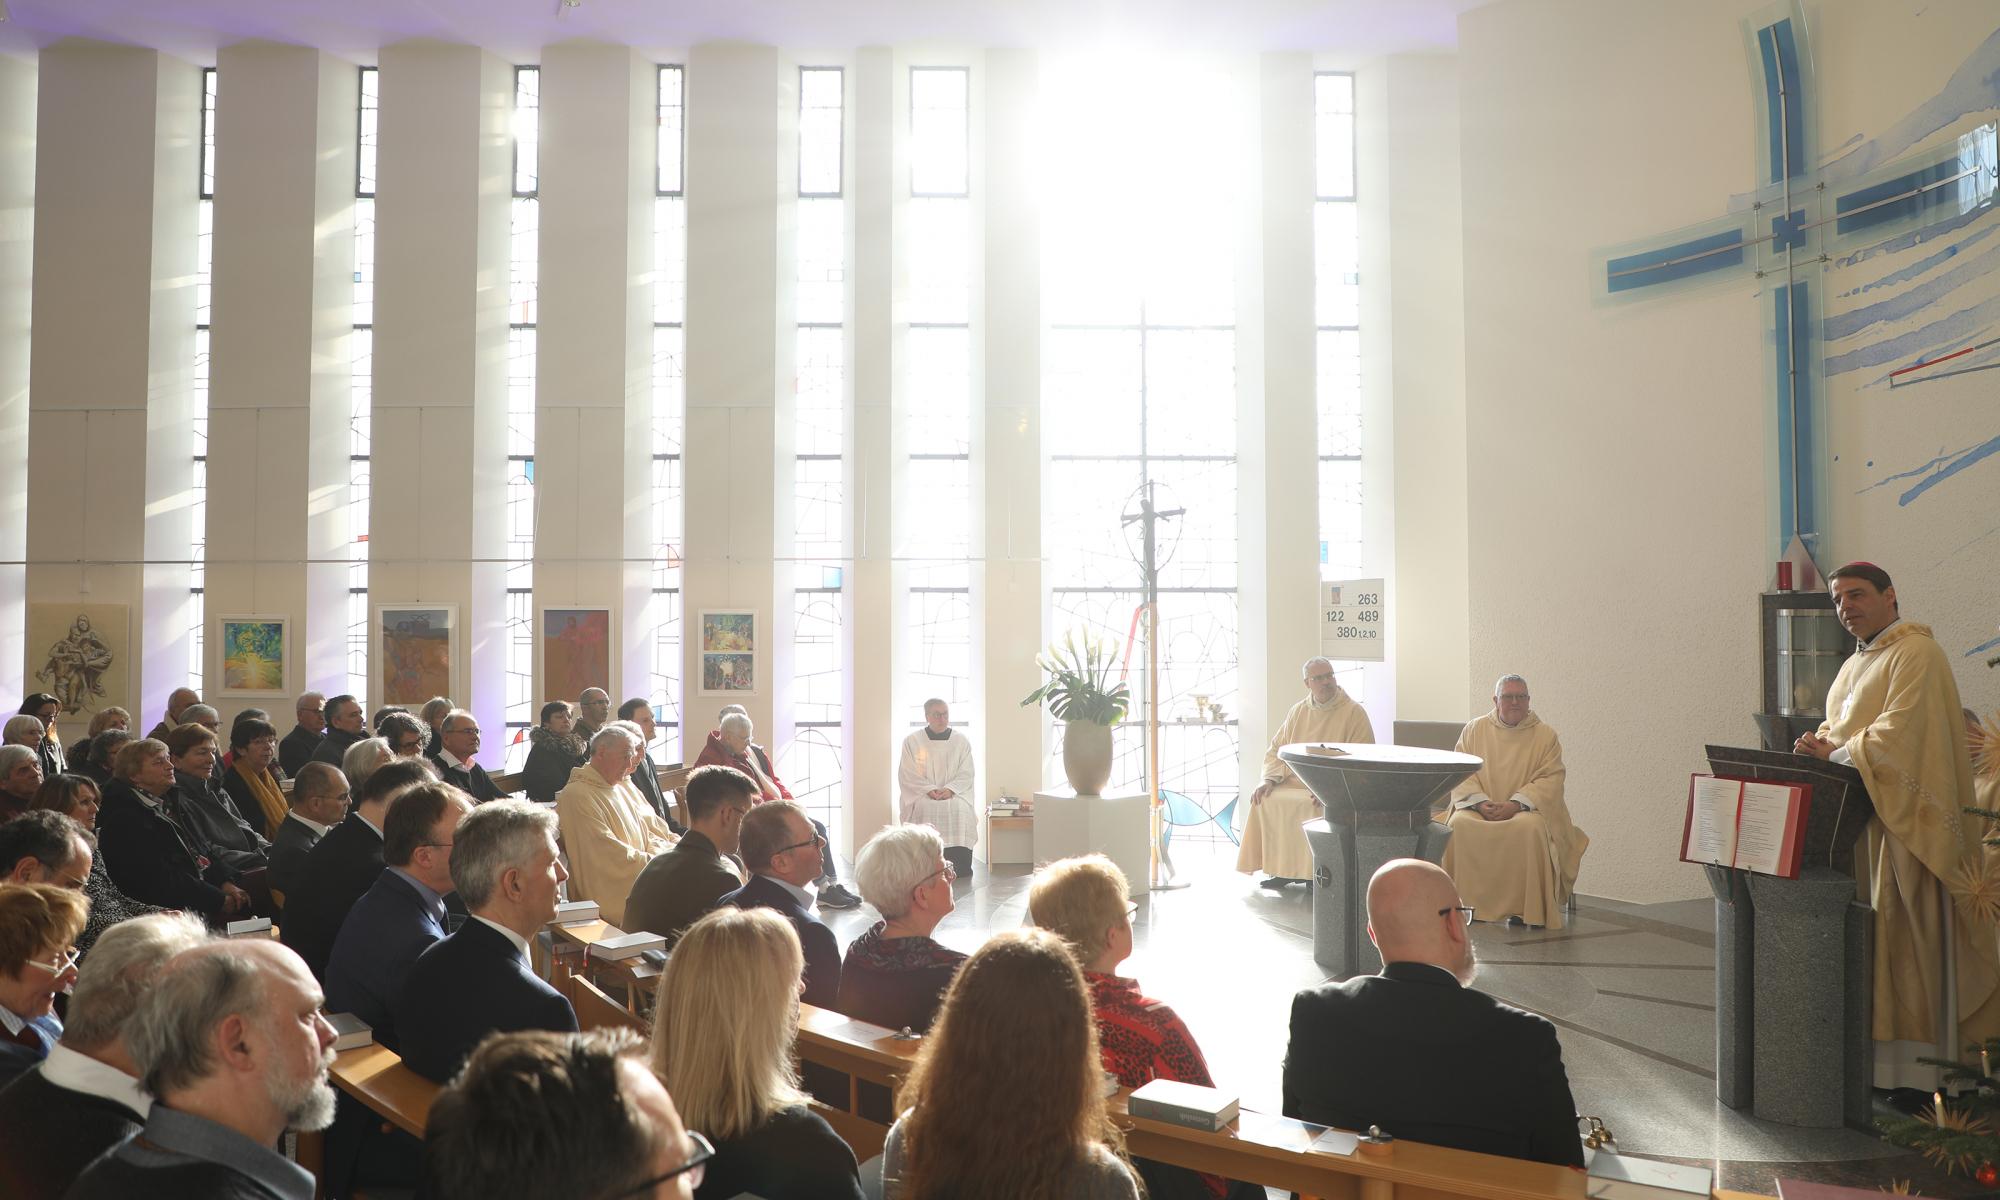 200112 Festakt 60 Jahre Spectrum Kirche foto7